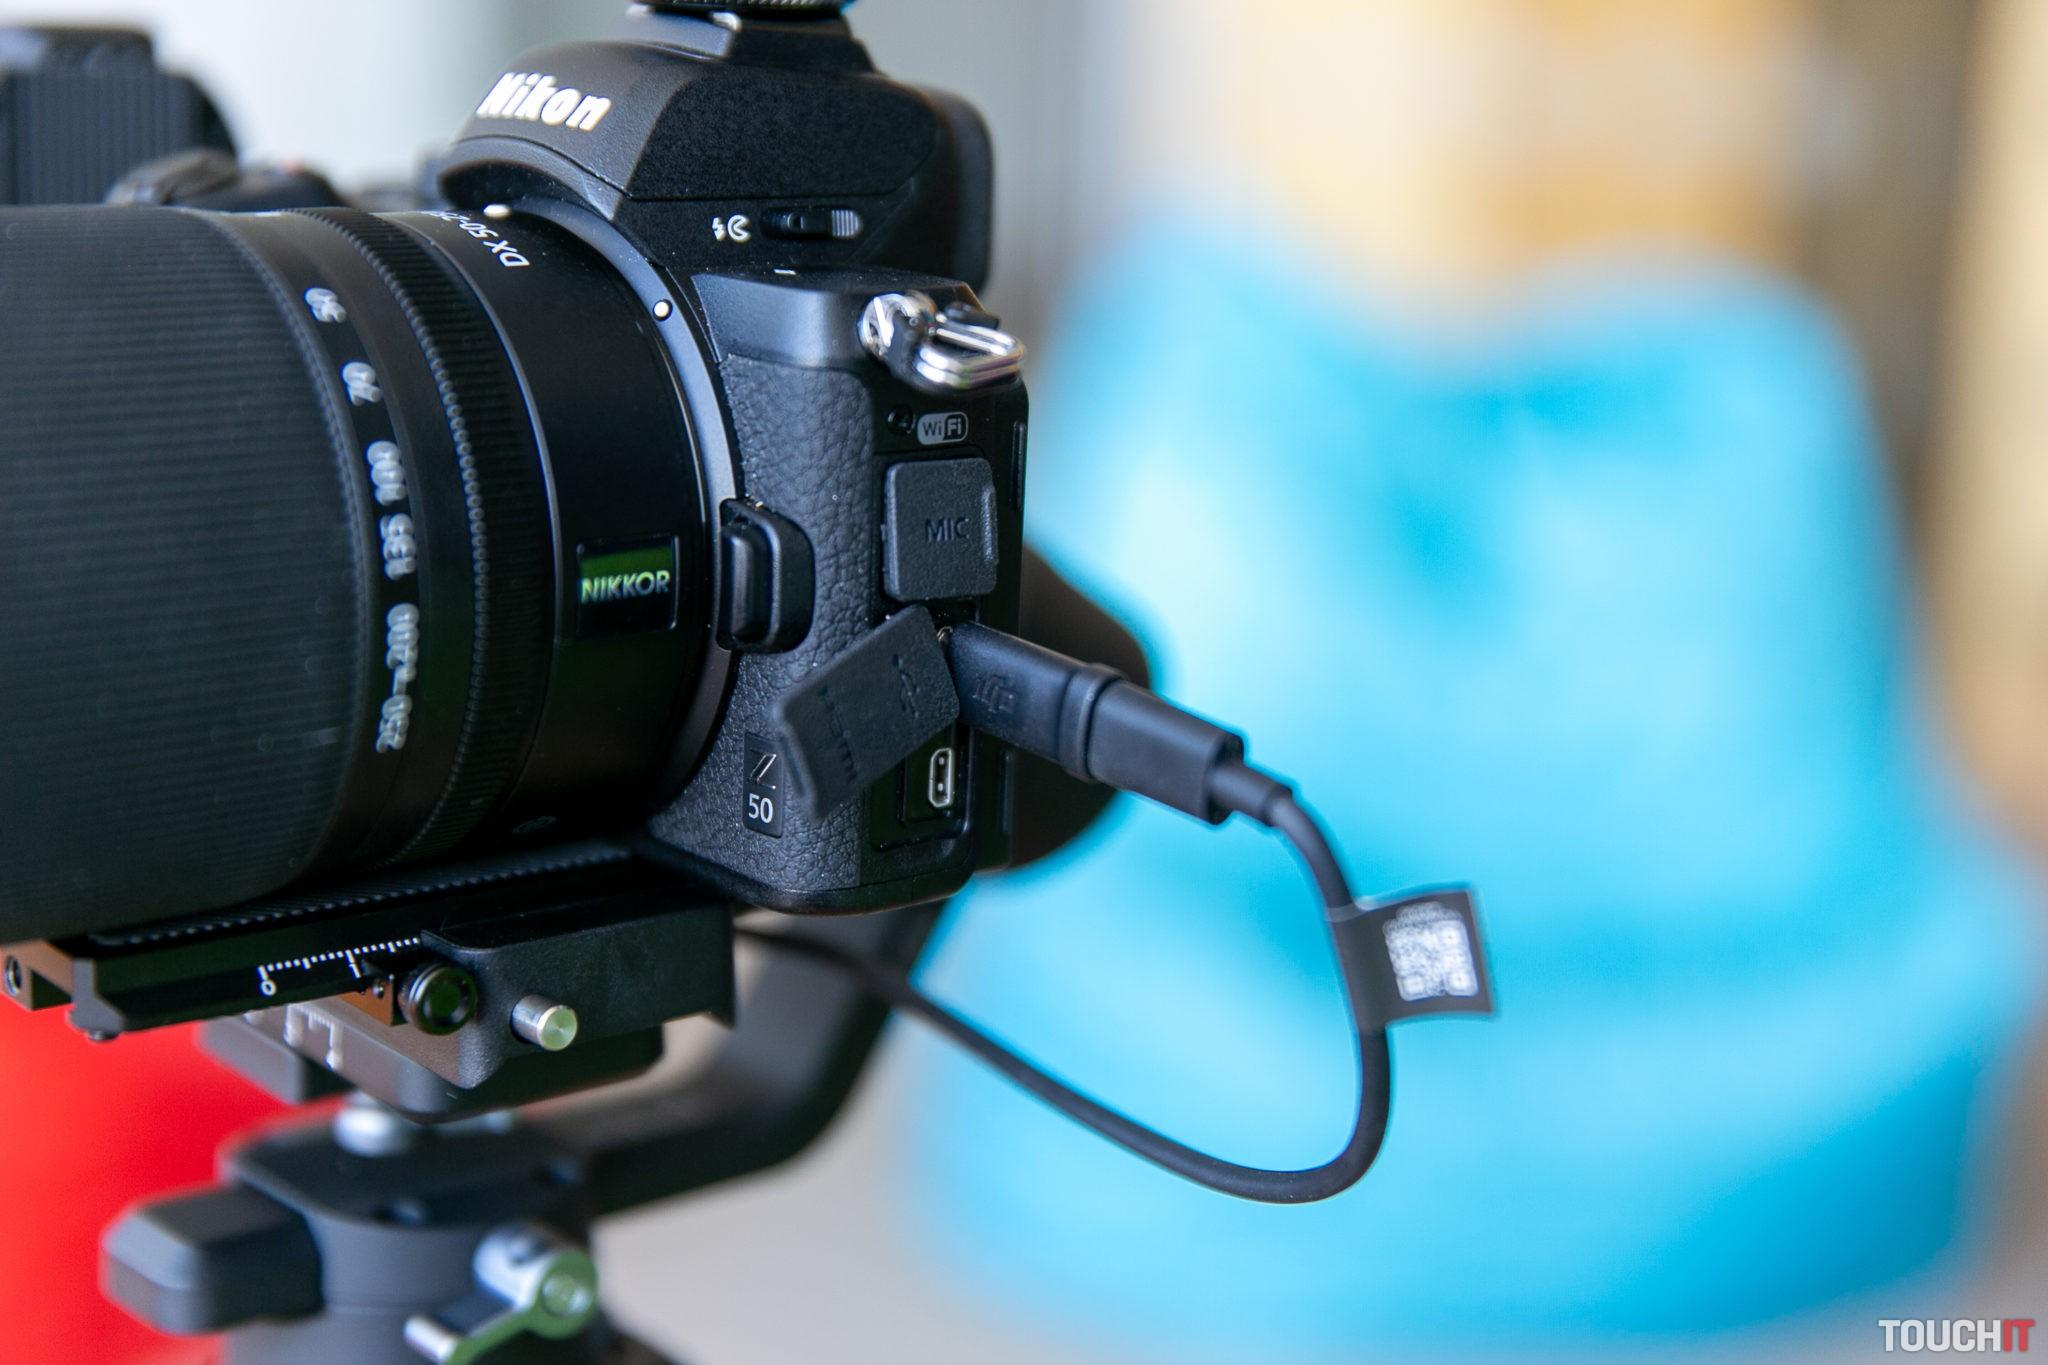 Aktívne prepojenie gimbálu a fotoaparátu